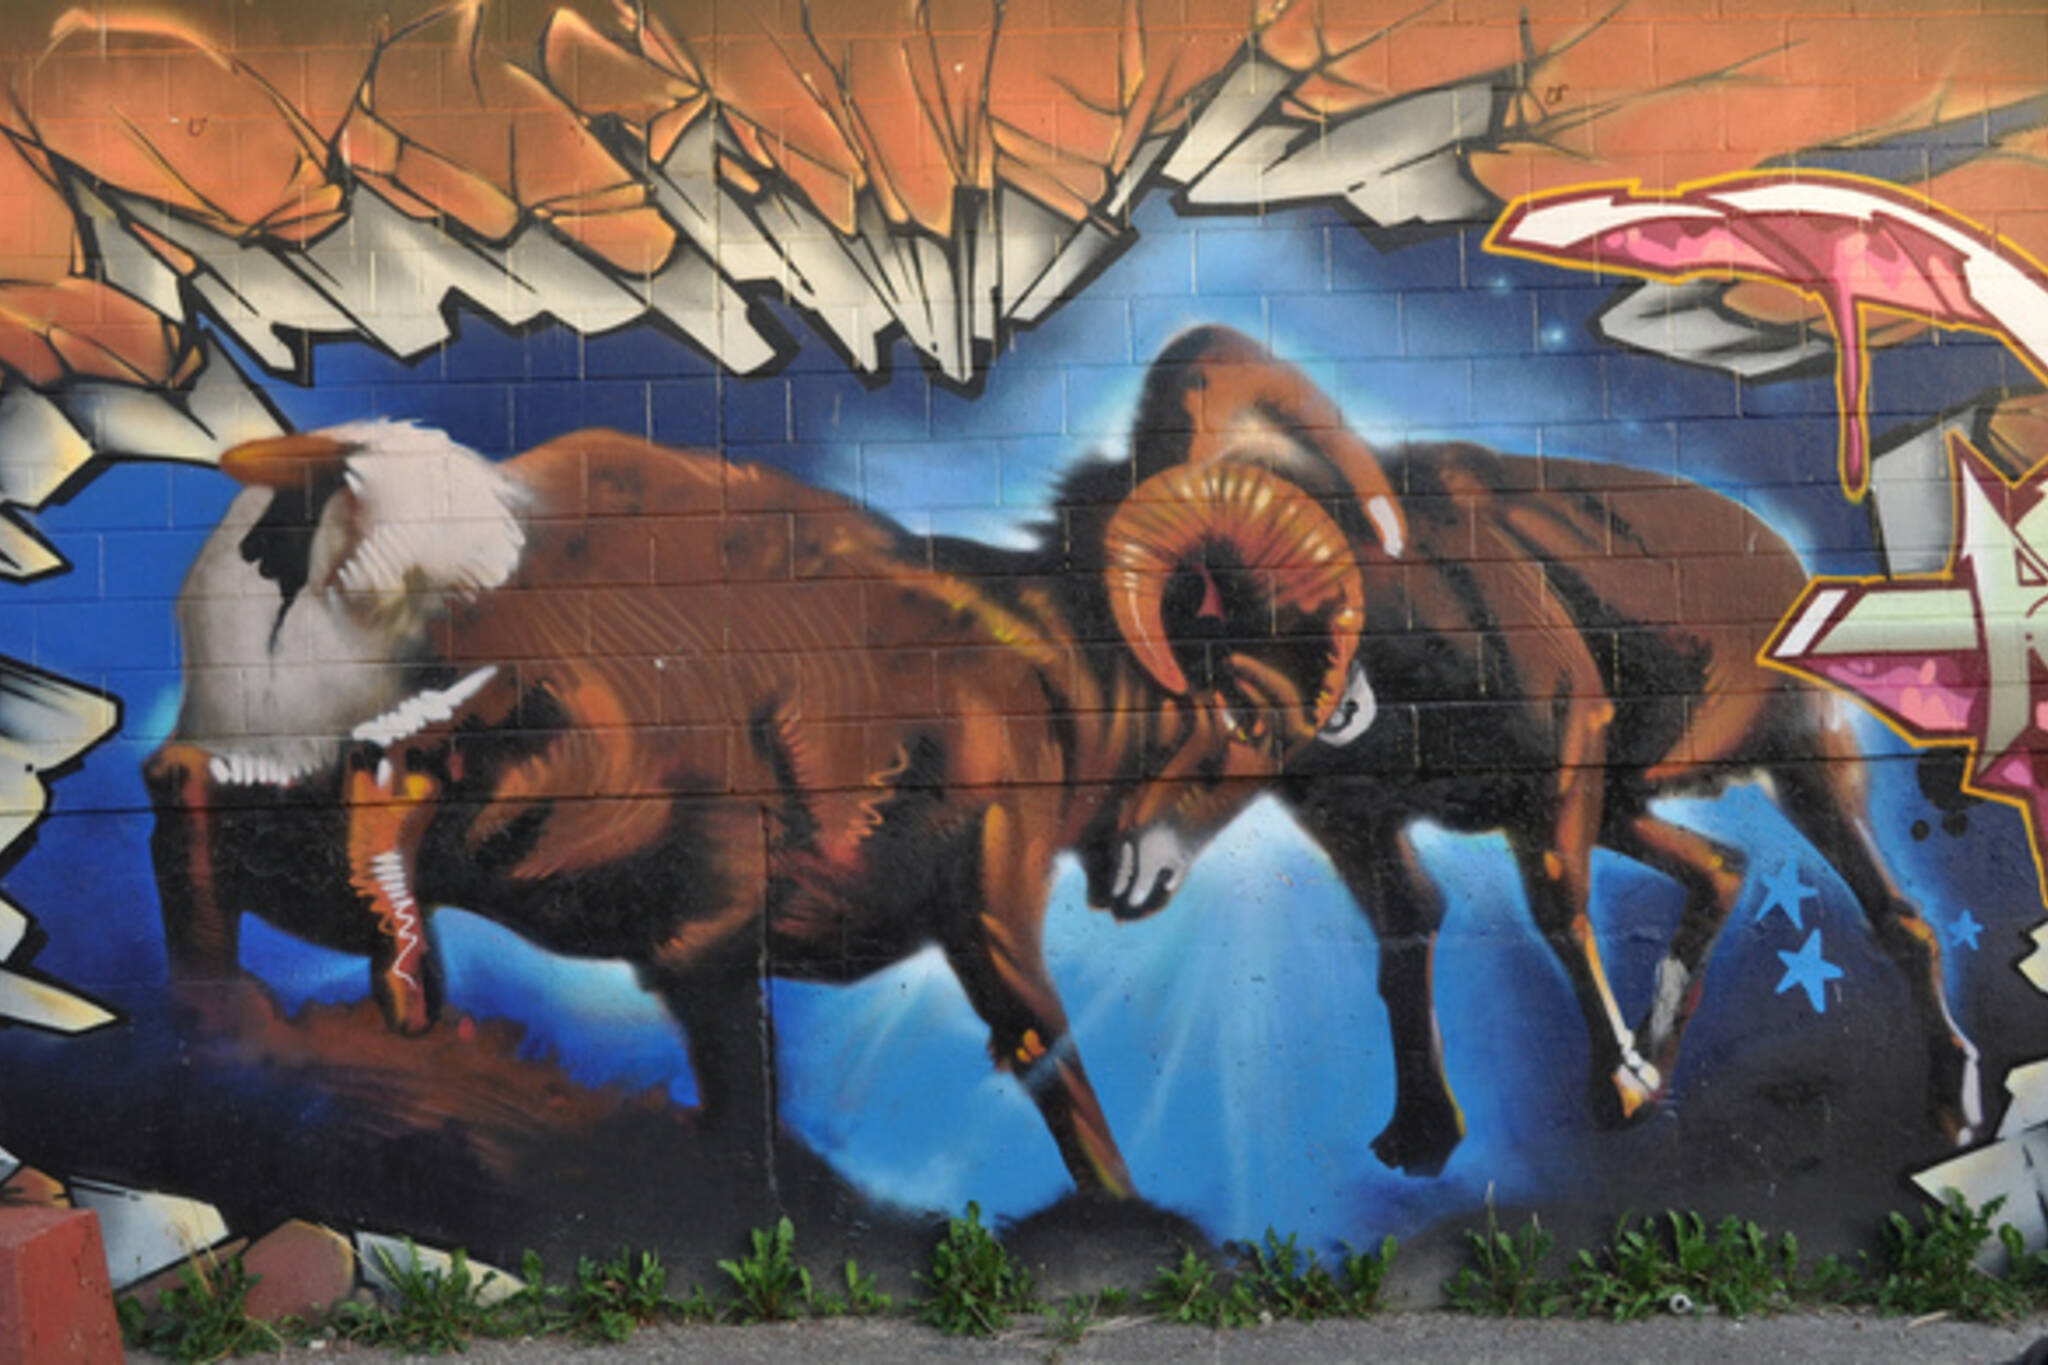 20100612-graffiti.jpg